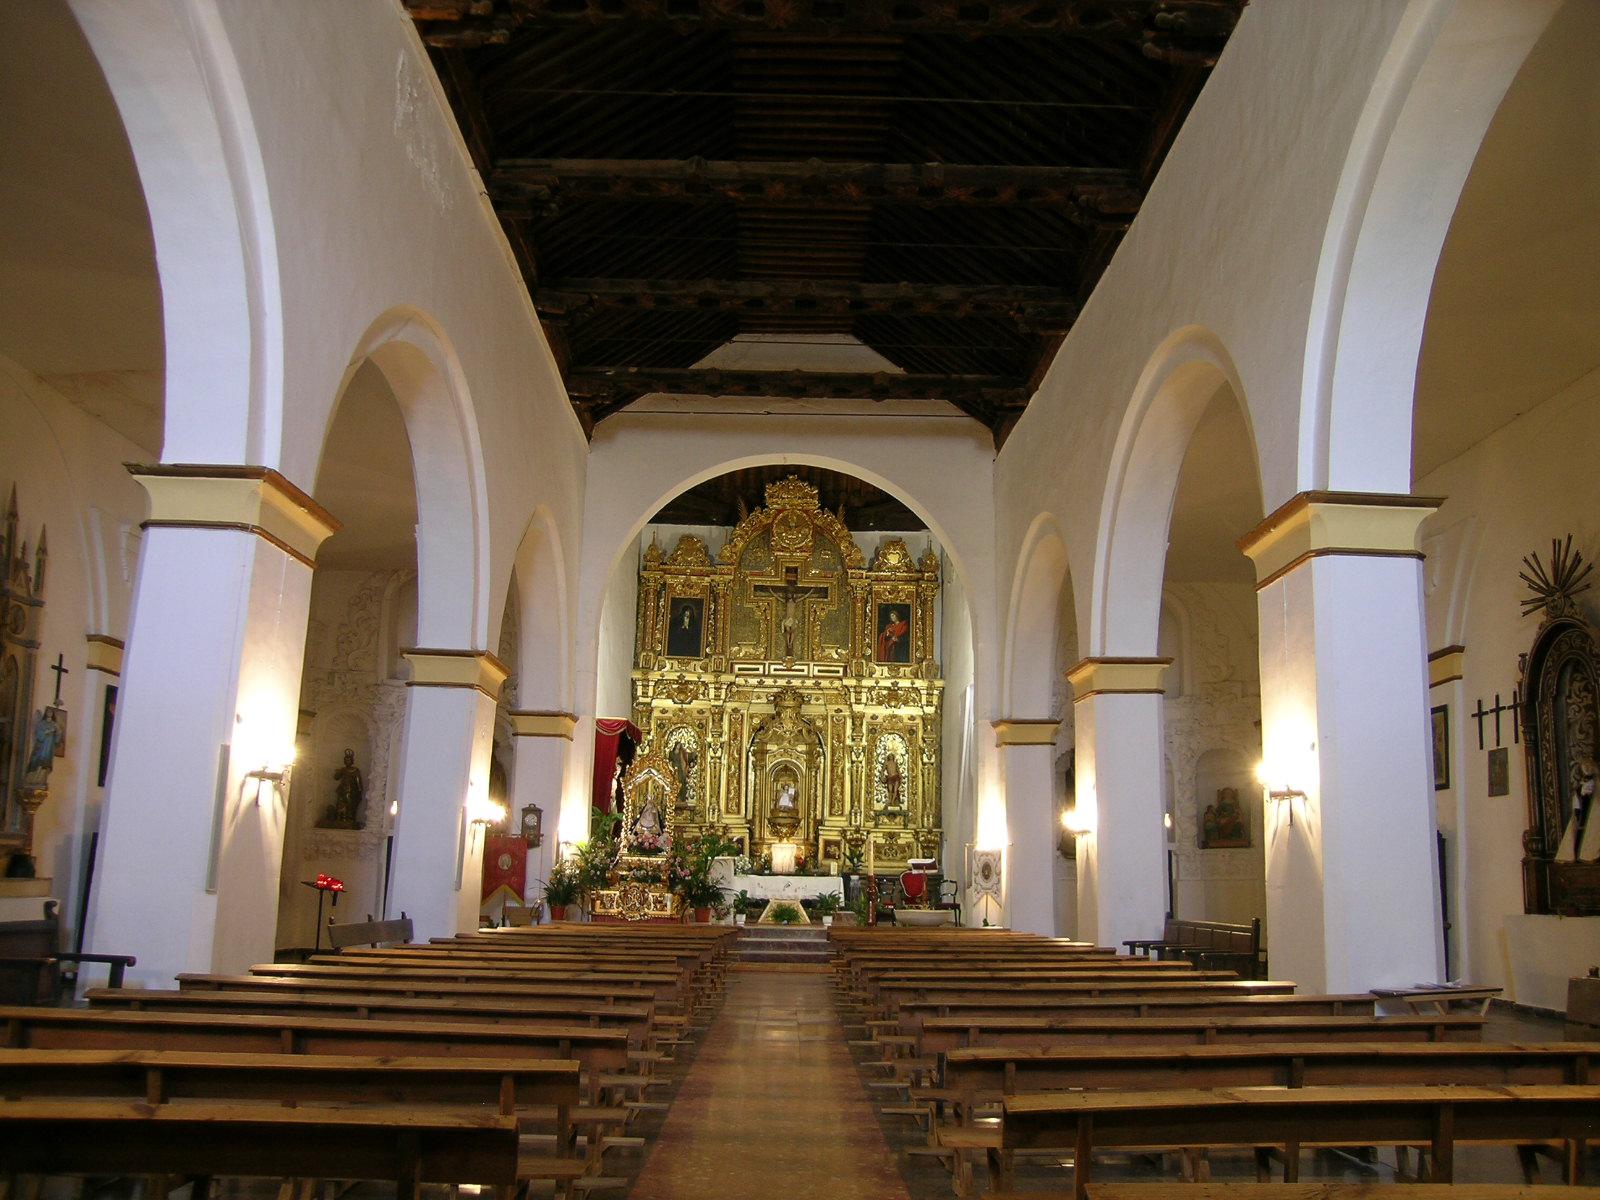 Interior de la iglesia. © Fotografía: Pako Manzano